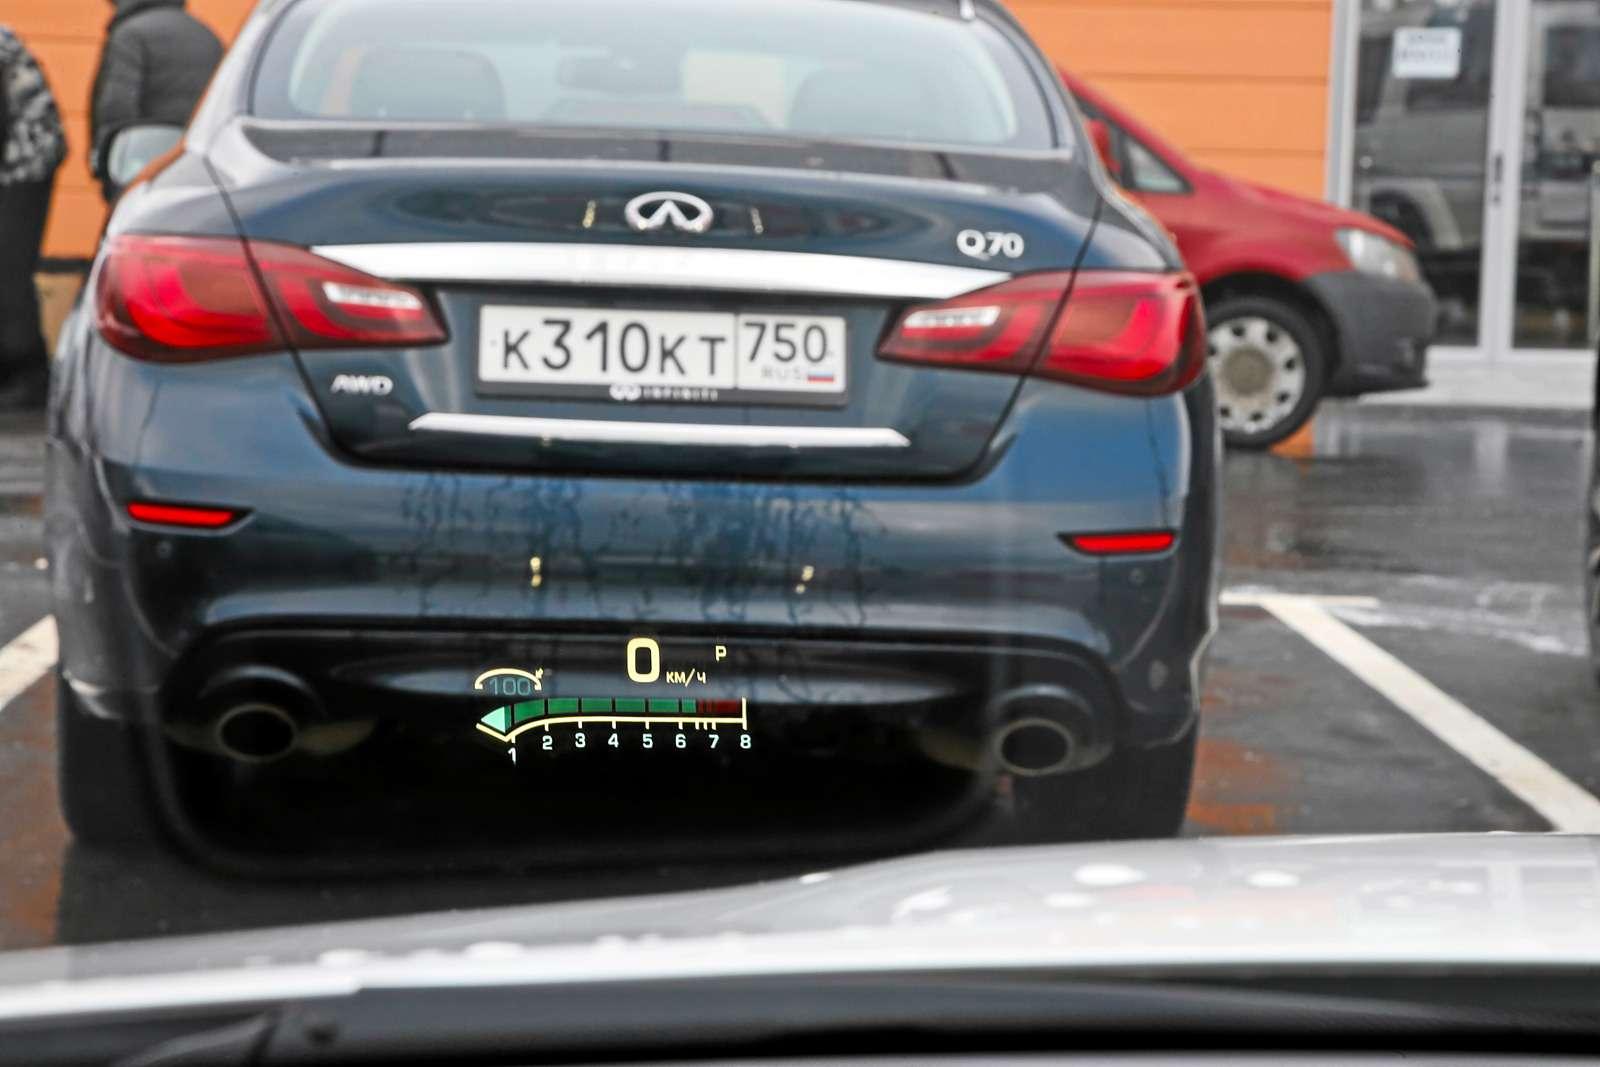 Схватка бизнес-седанов: новый Jaguar XFпротив Infiniti Q70и Cadillac CTS— фото 574453